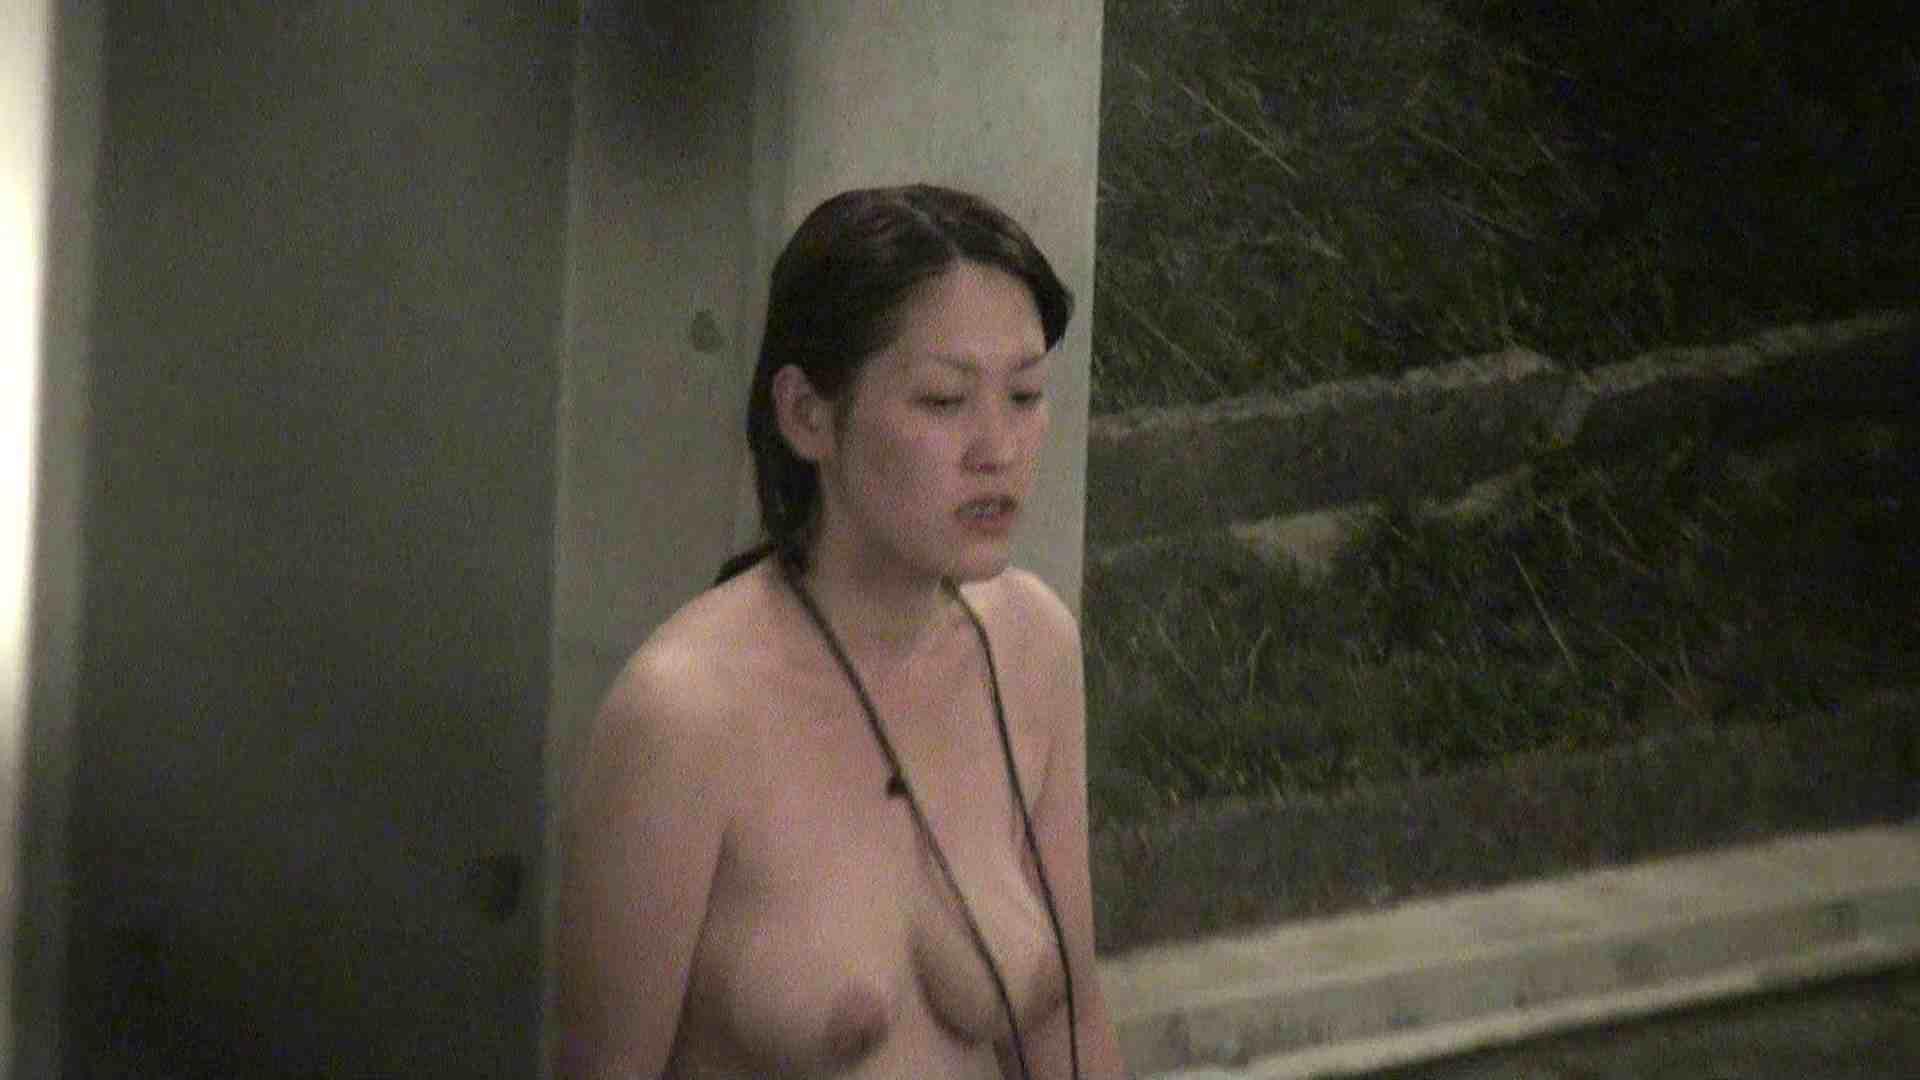 Aquaな露天風呂Vol.414 盗撮  67画像 24